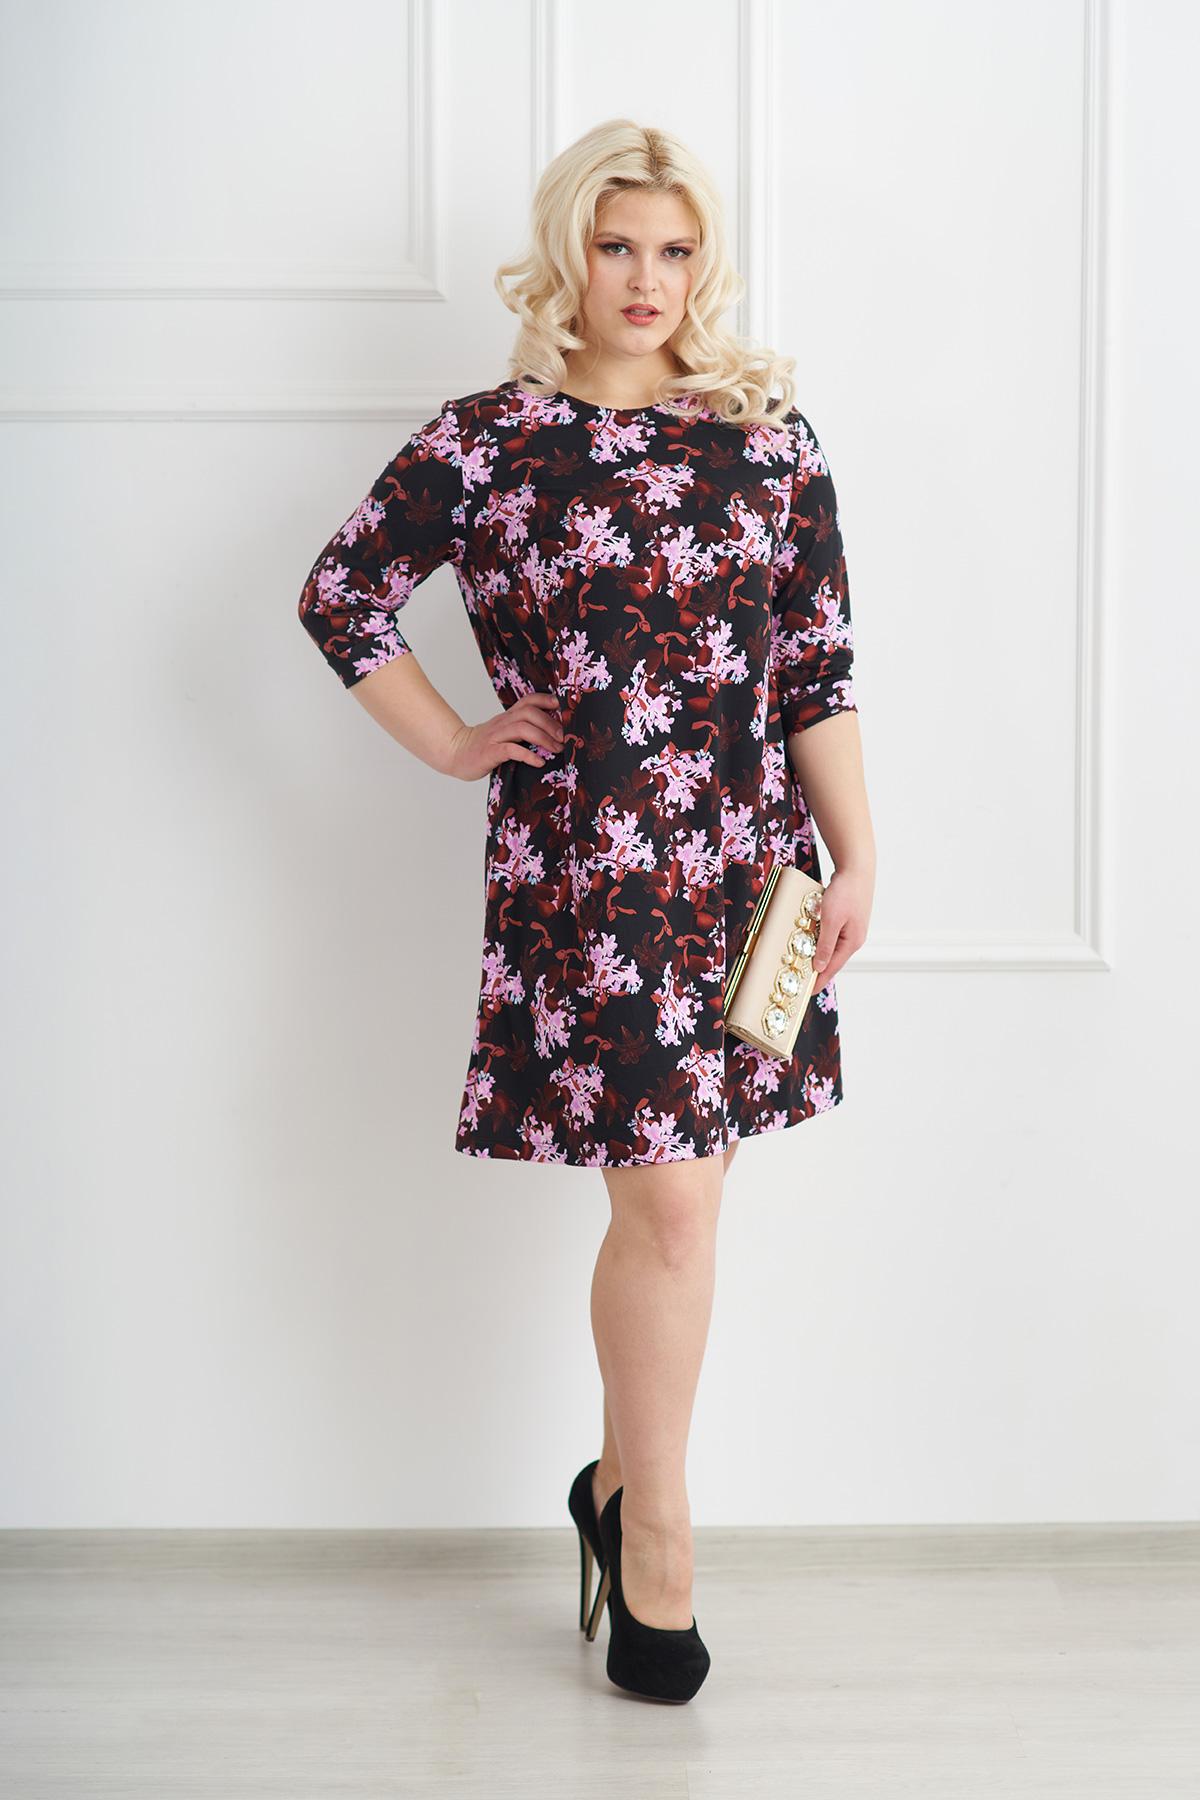 Жен. платье арт. 19-0072 Шоколадный р. 52Платья<br>Факт. ОГ: 108 см <br>Факт. ОТ: 122 см <br>Факт. ОБ: 136 см <br>Длина по спинке: 94 см<br><br>Тип: Жен. платье<br>Размер: 52<br>Материал: Трикотажное полотно